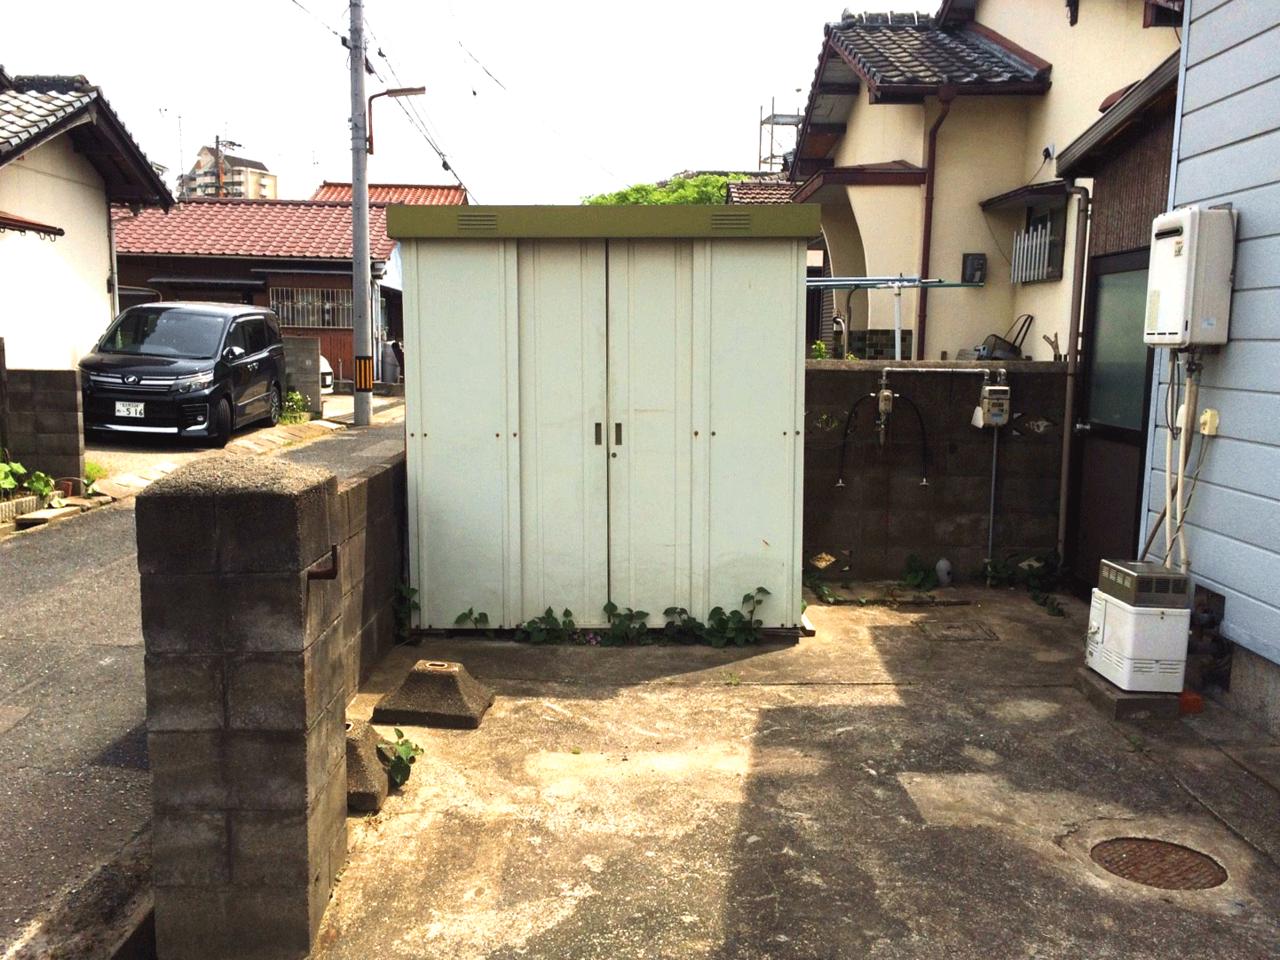 建物前の、便利なスペースです♪勝手口から入れます♪◆小倉南区北方駐車スペース4台分の戸建て住宅♪